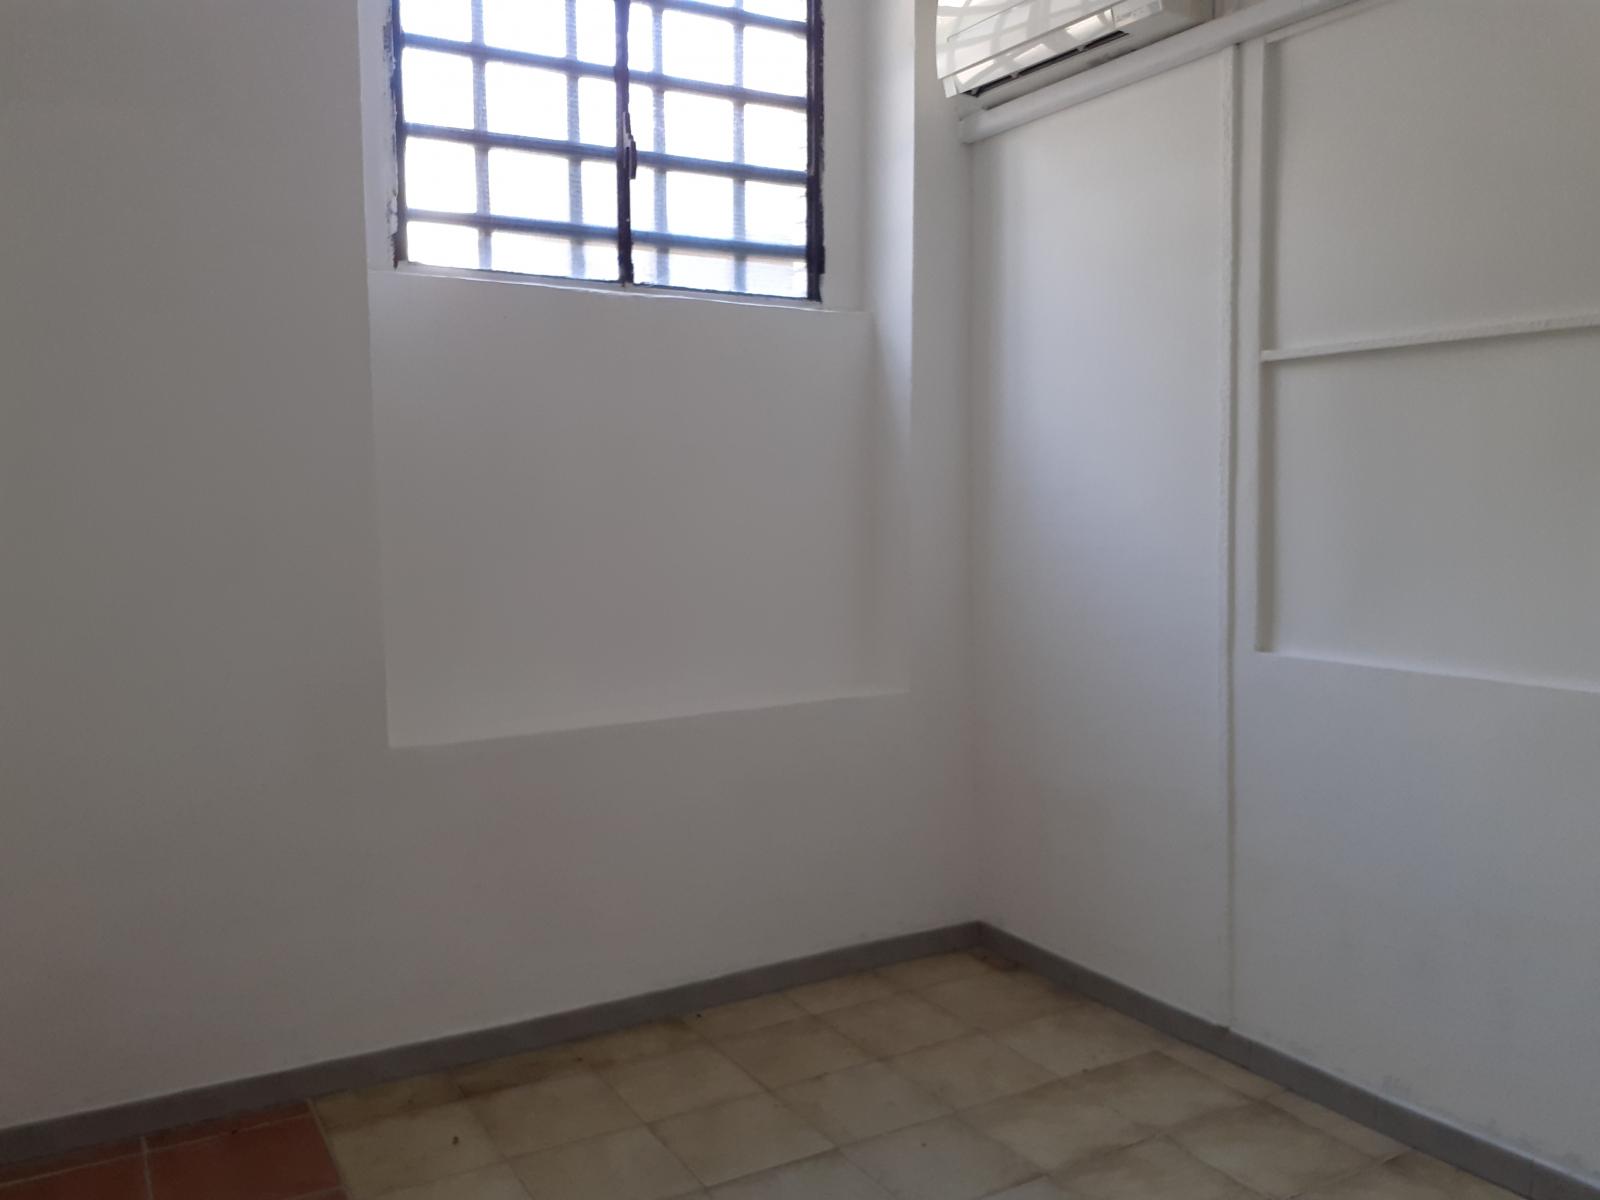 laboratorio-magazzino-in-vendita-affitto-a-baggio-milano-spaziourbano-immobiliare-vende-affitta-8